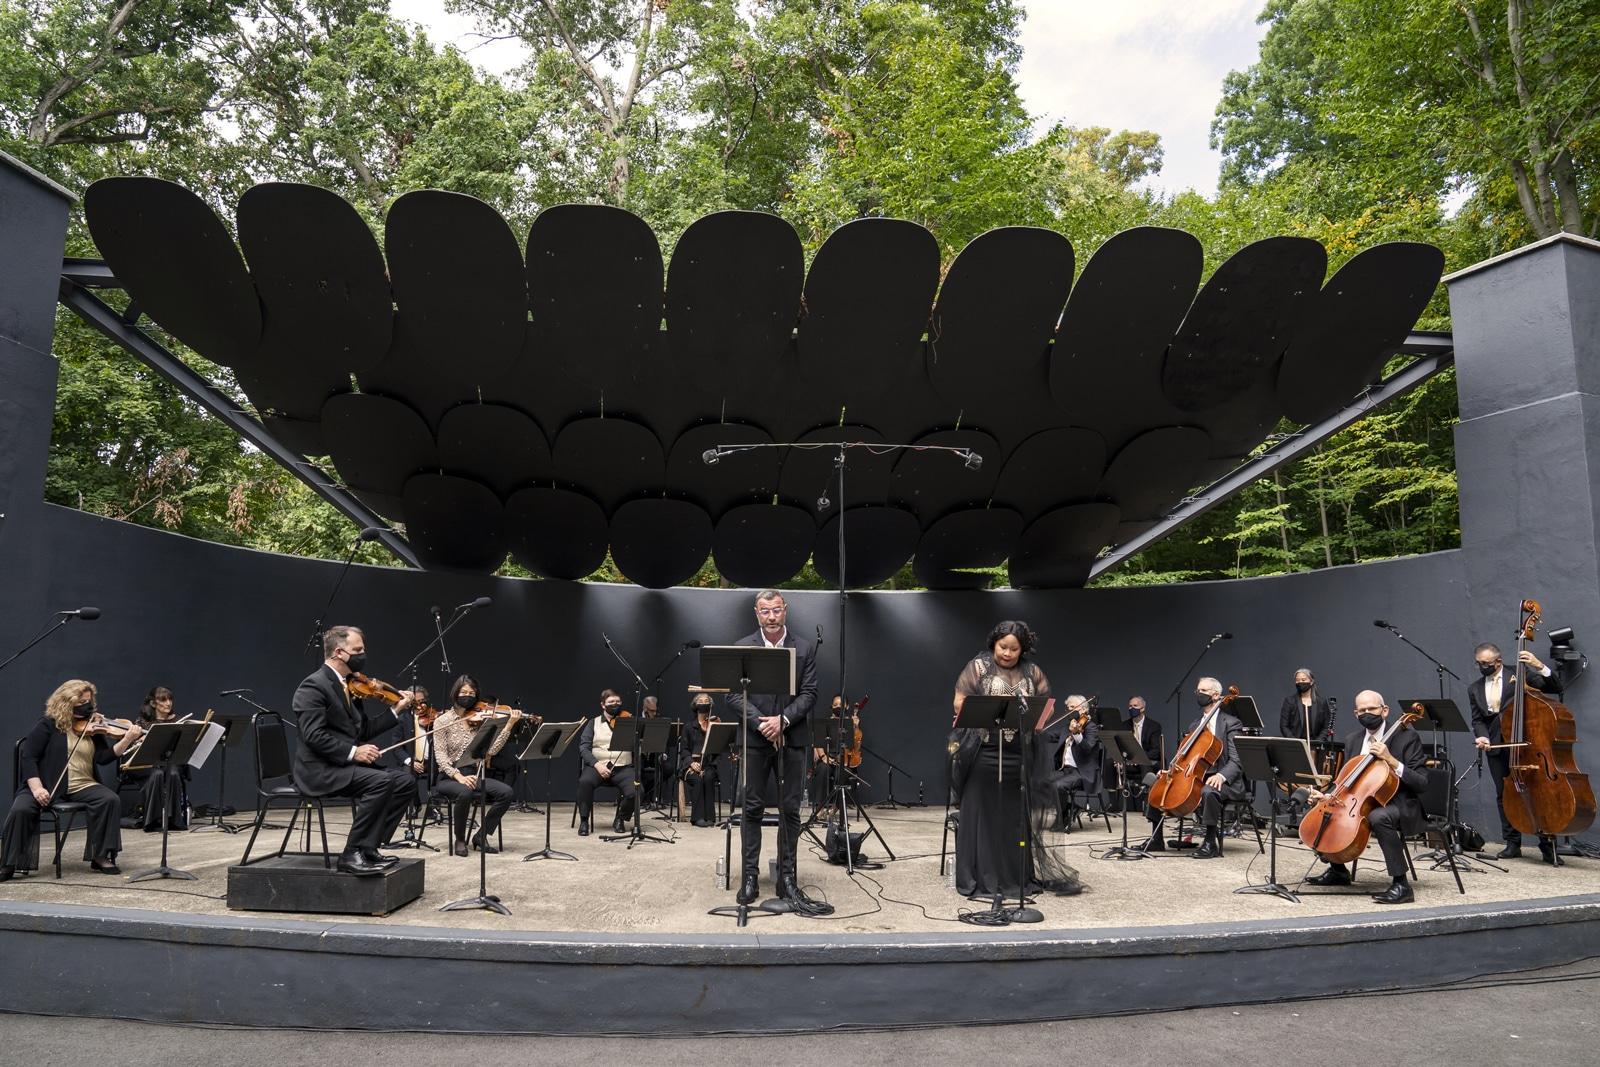 Liev Schreiber, Karen Slack, and the Orpheus Chamber Orchestra